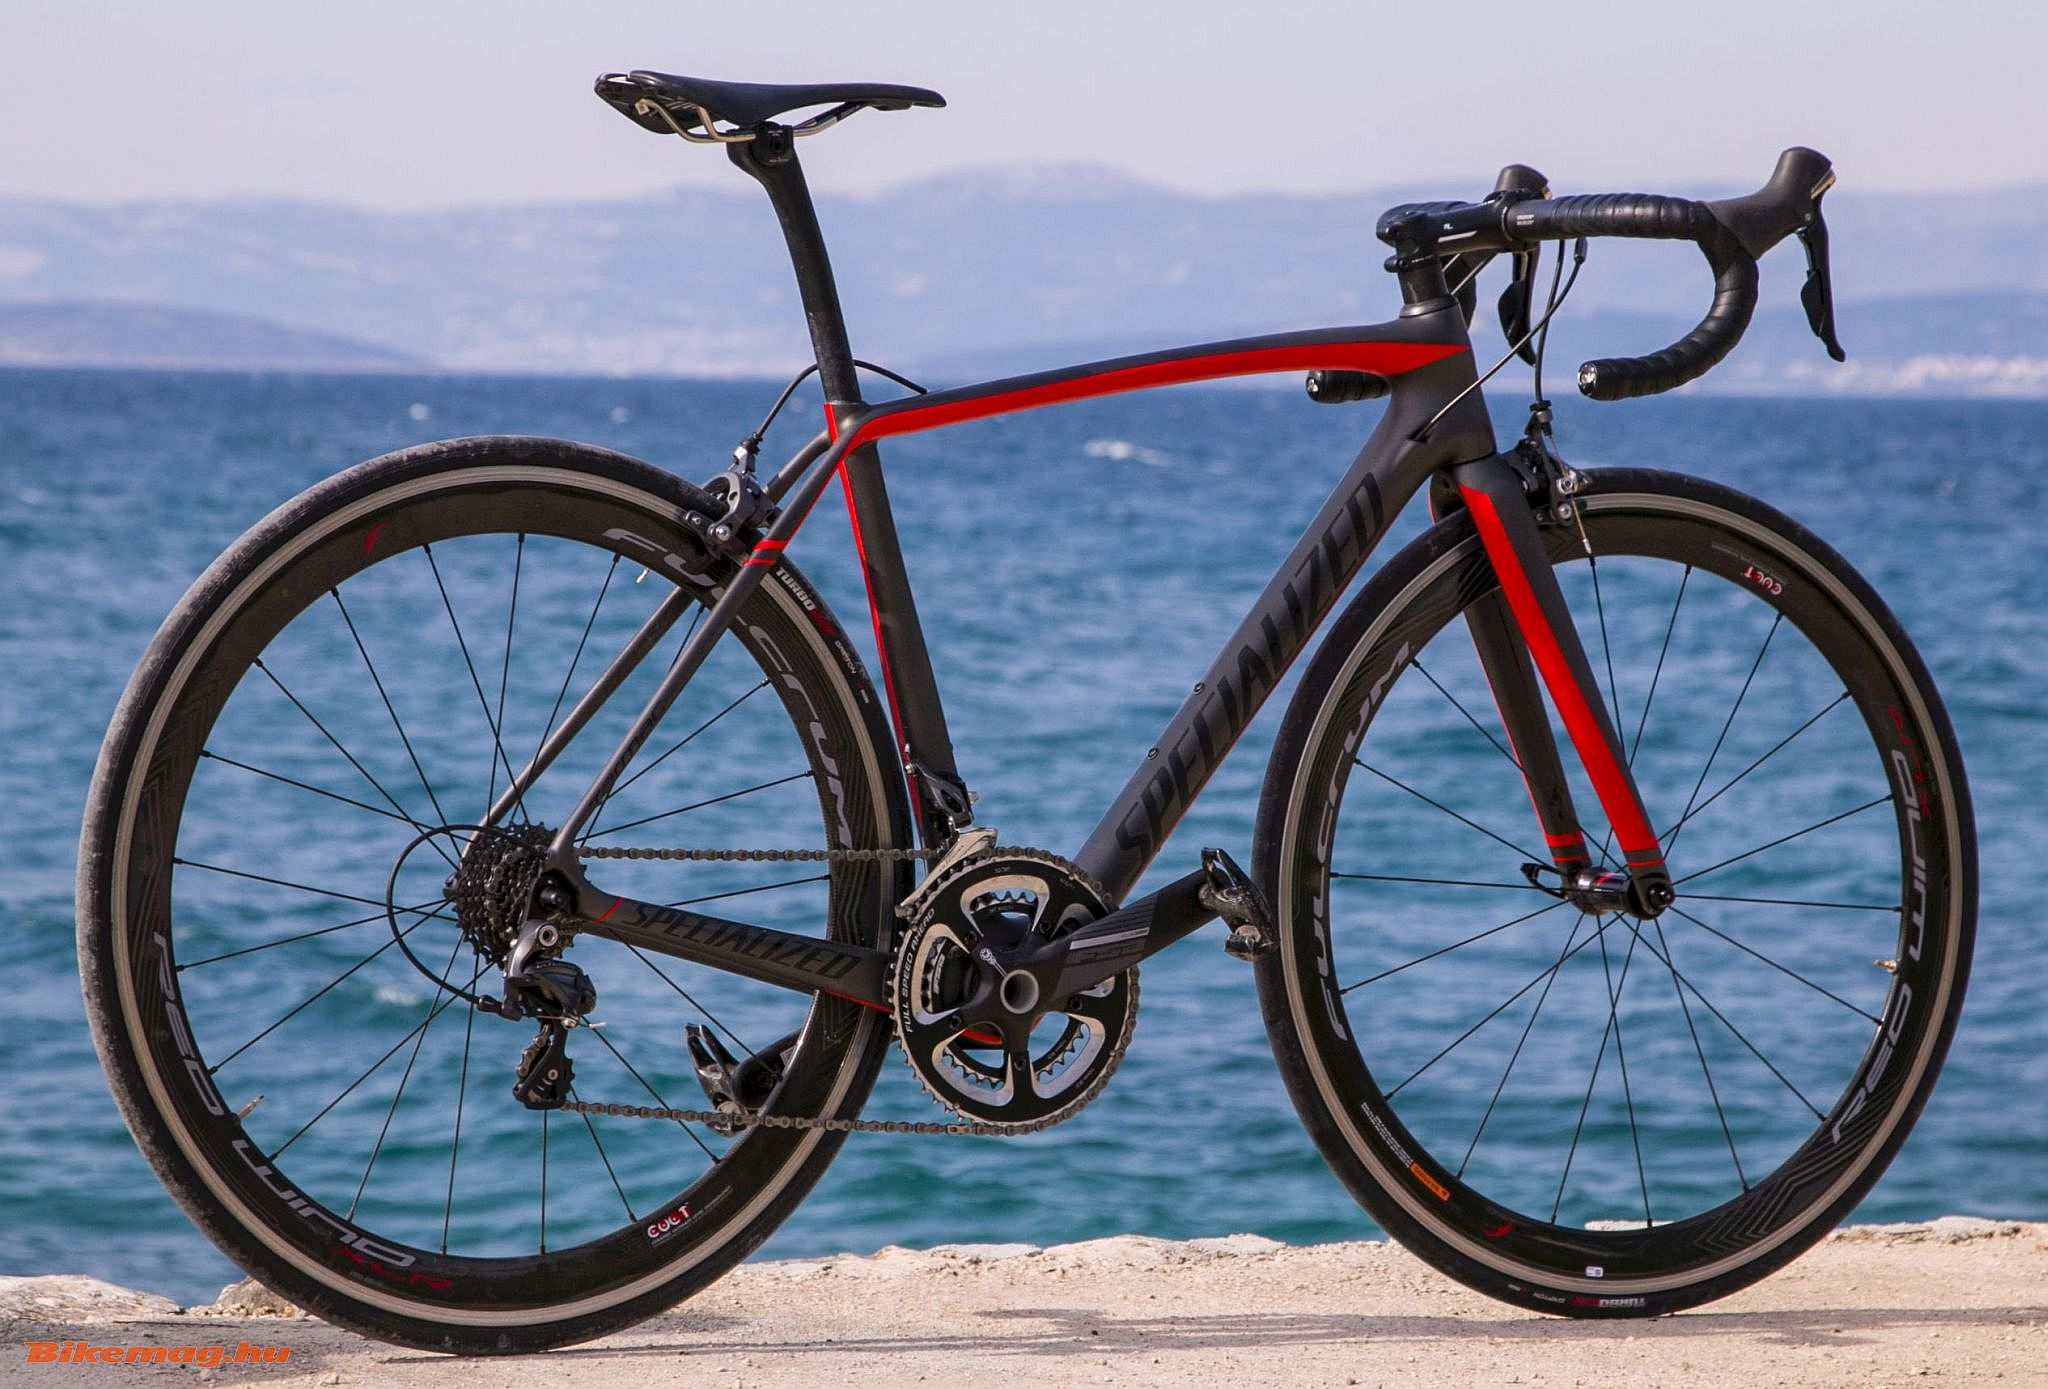 Specialized Tarmac Expert kerékpárteszt